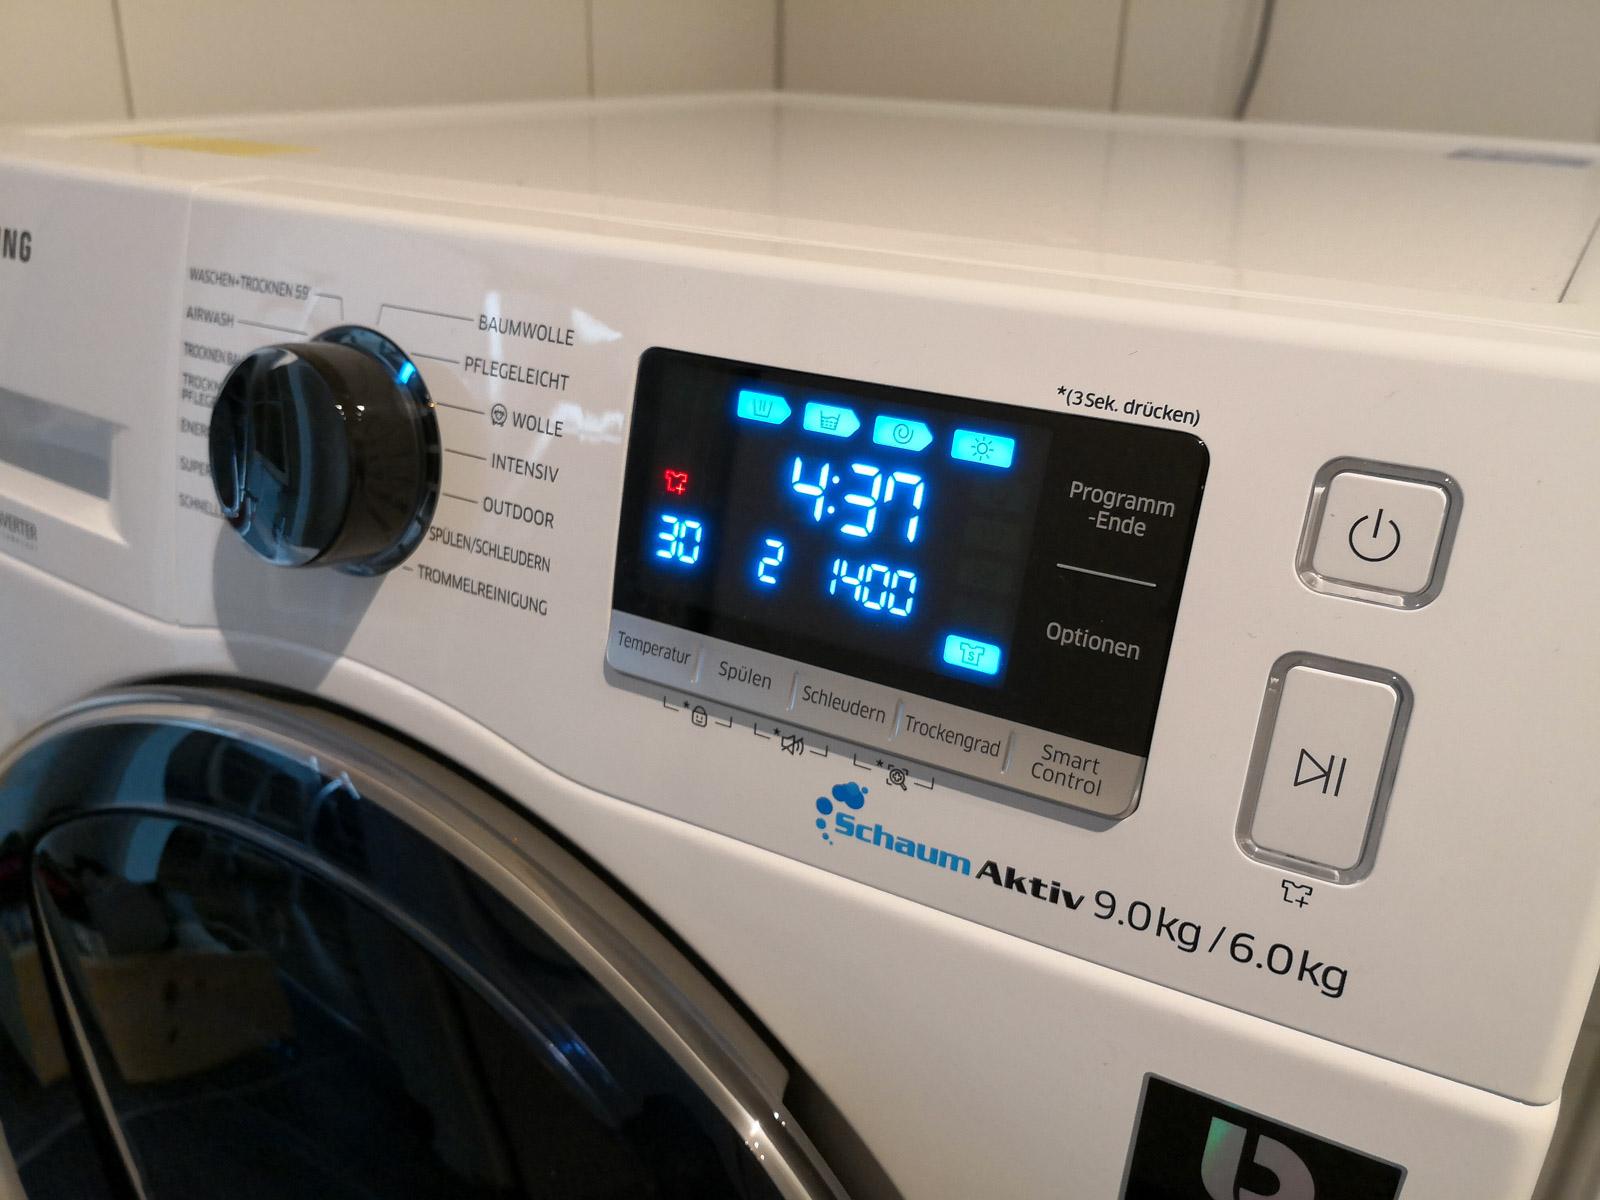 Samsung-Waschtrockner-WD6500-Frontpanel